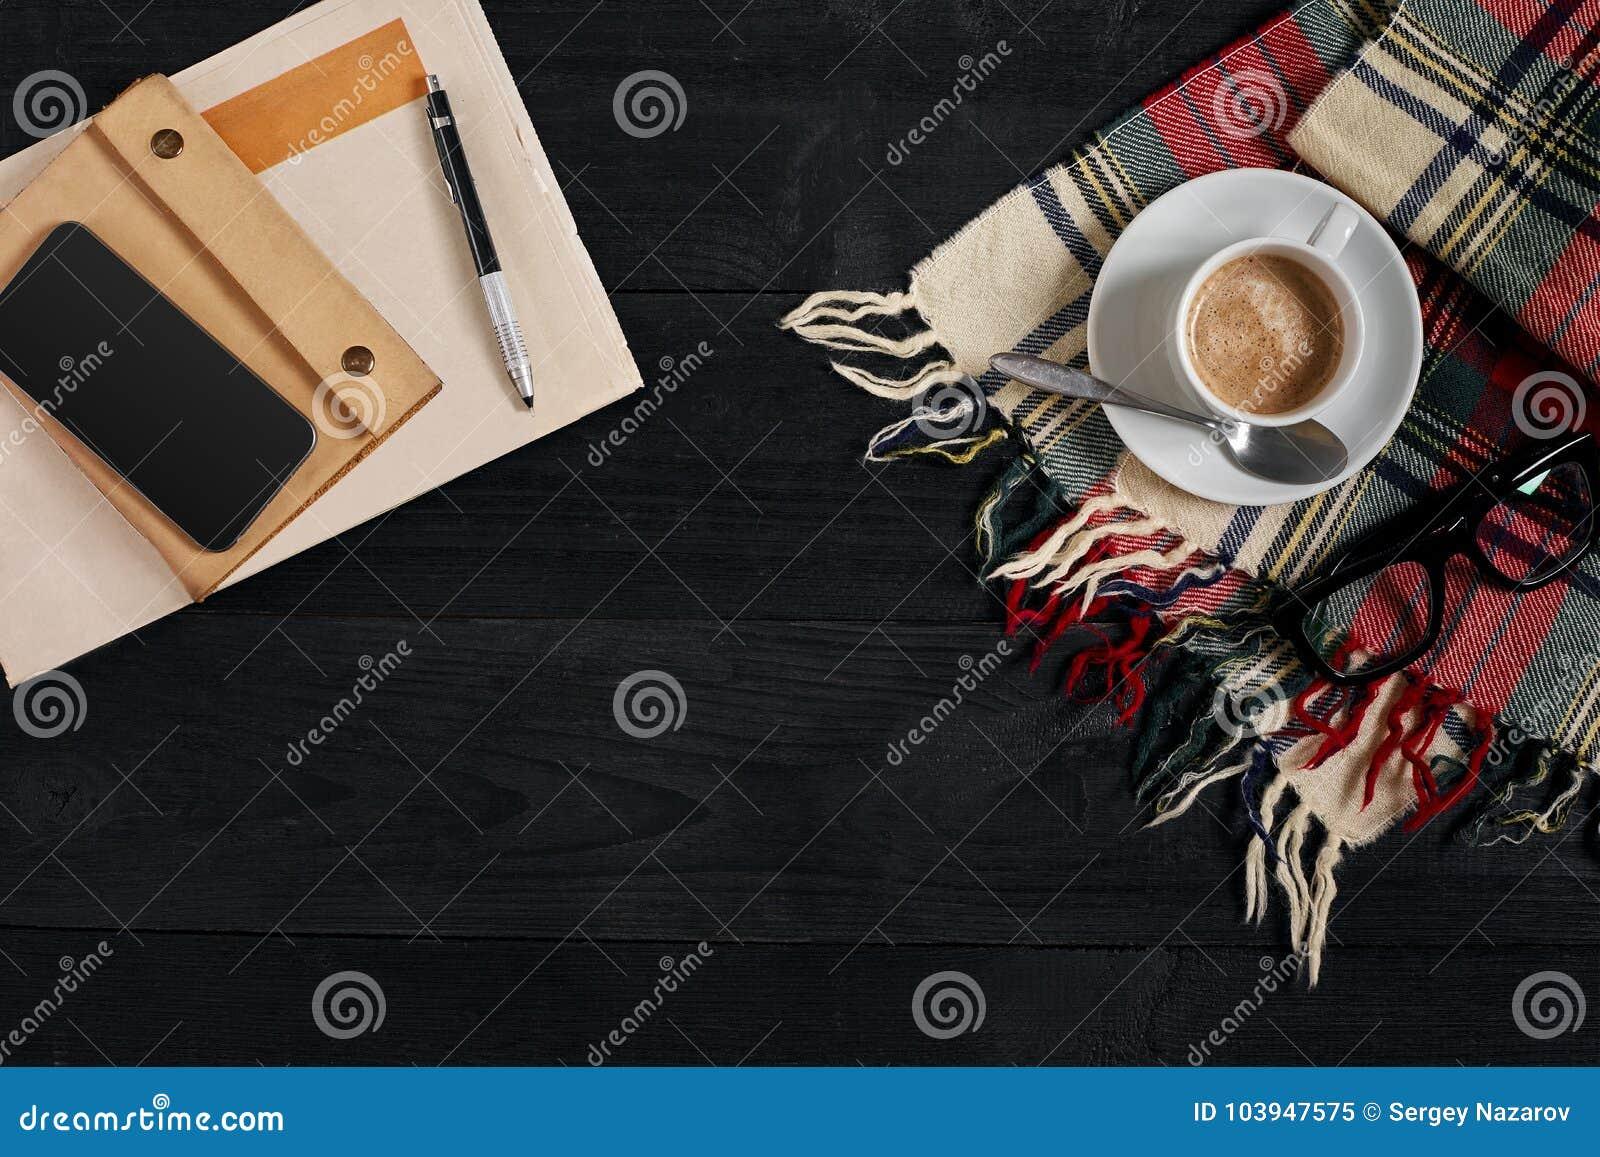 Arbeitsplatz mit Zeitung, Kaffeetasse, Schal, Gläser Stilvoller Schreibtisch Herbst- oder Winterkonzept Flache Lage, Draufsicht